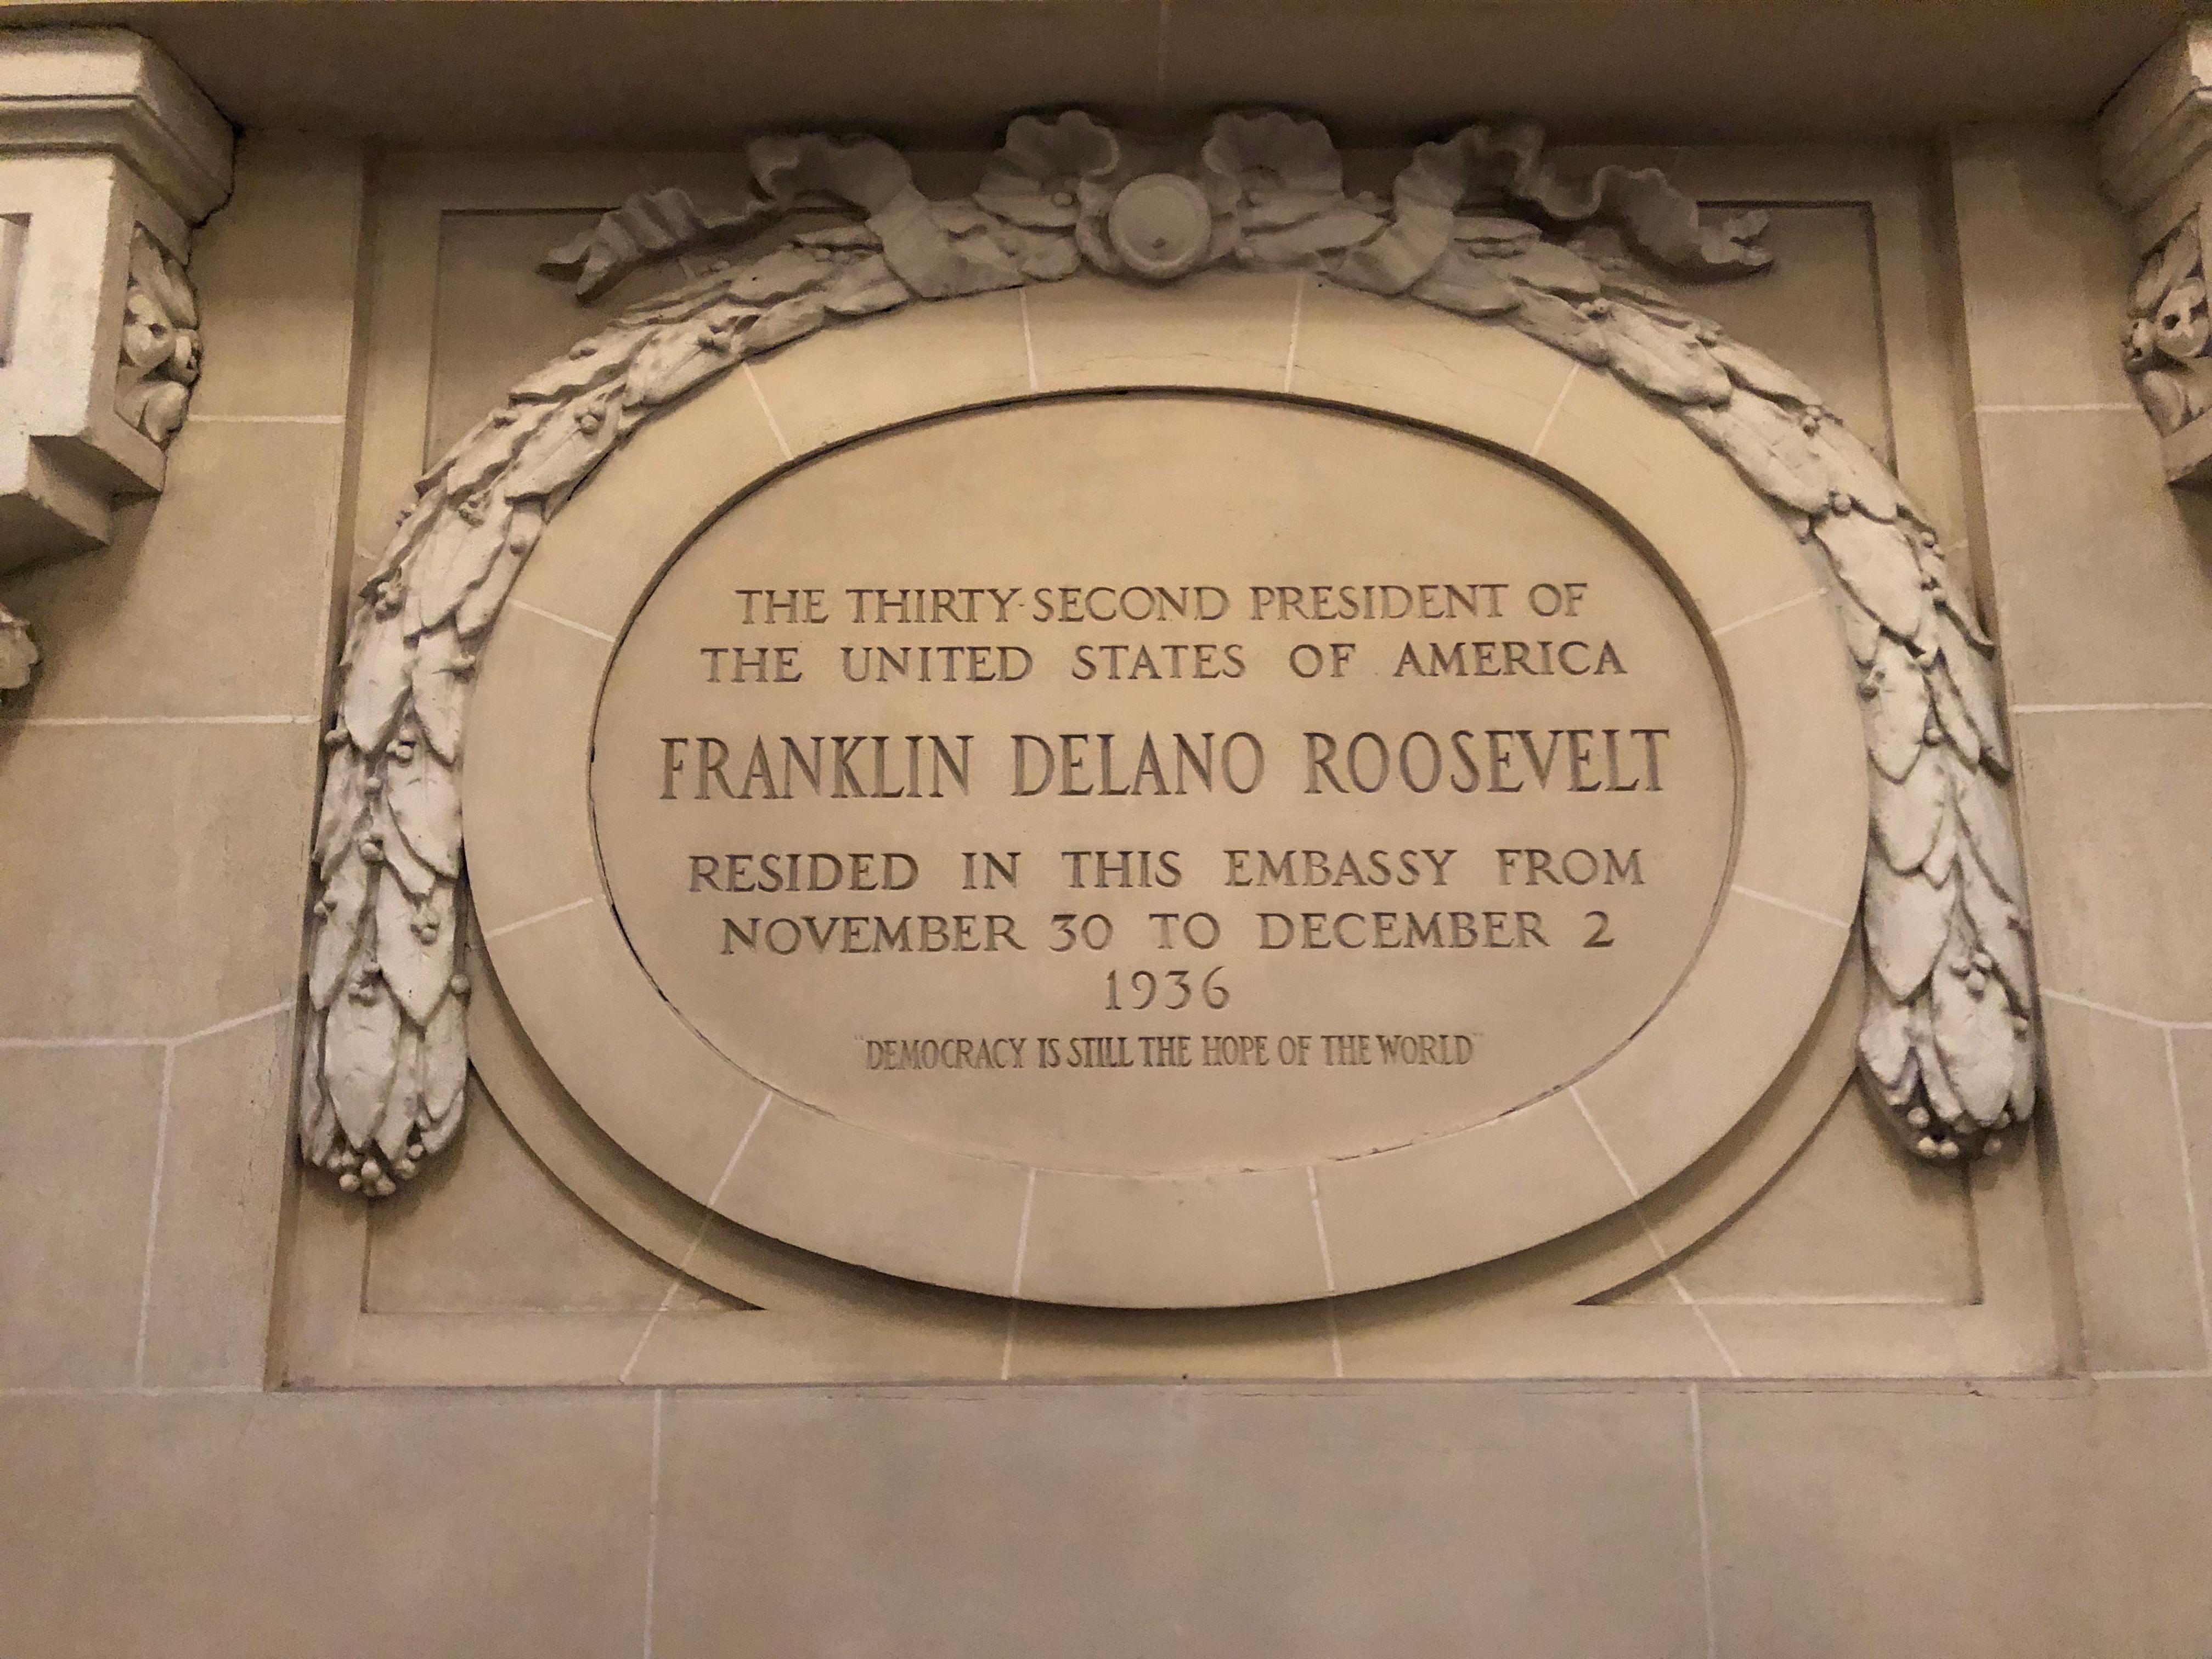 Plaque for Franklin Delano Roosevelt